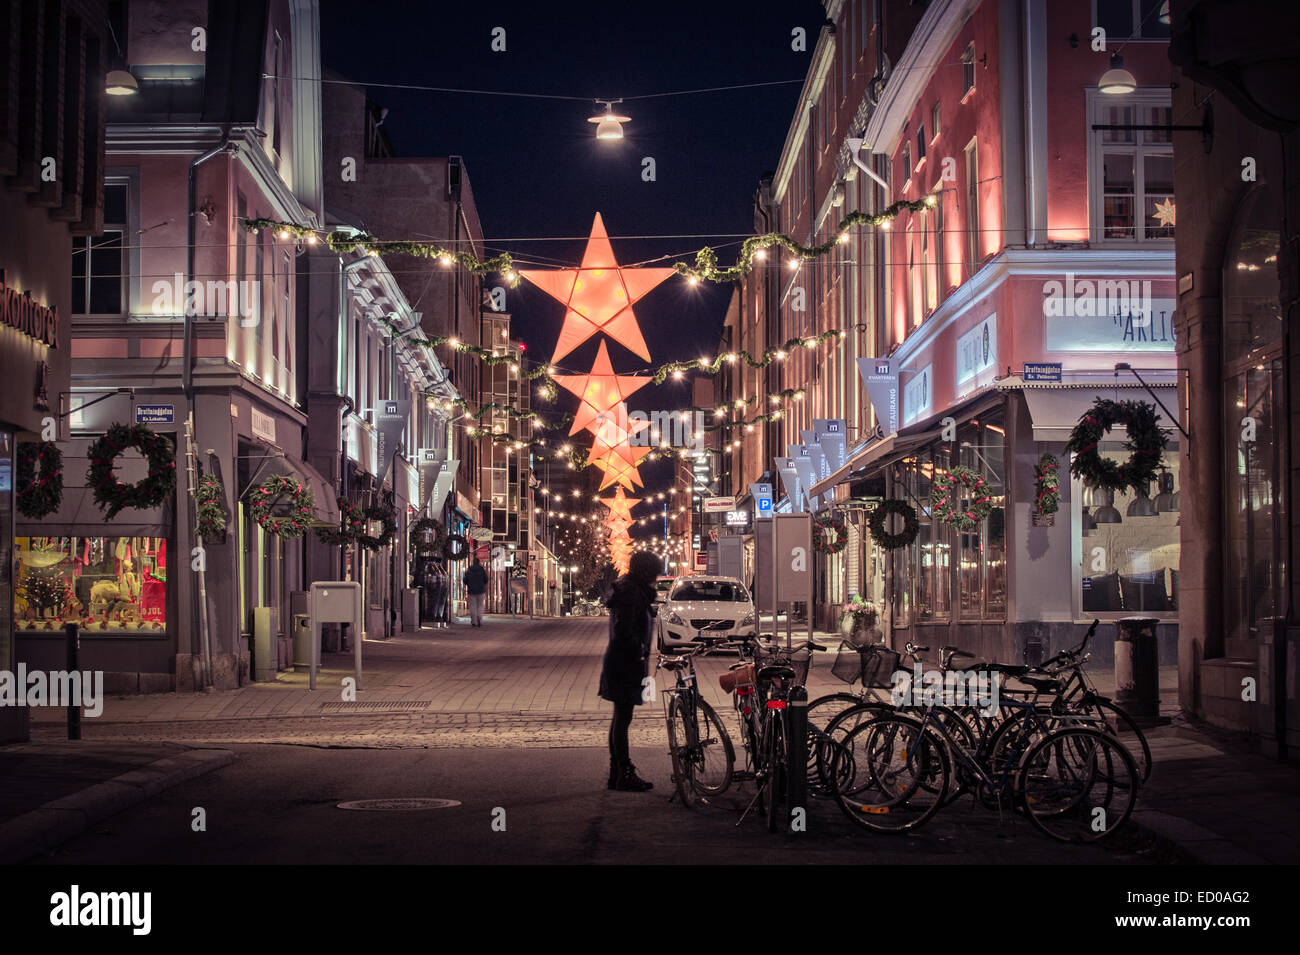 Weihnachtsschmuck im Zentrum Stadt Norrköping, Schweden. Stockbild